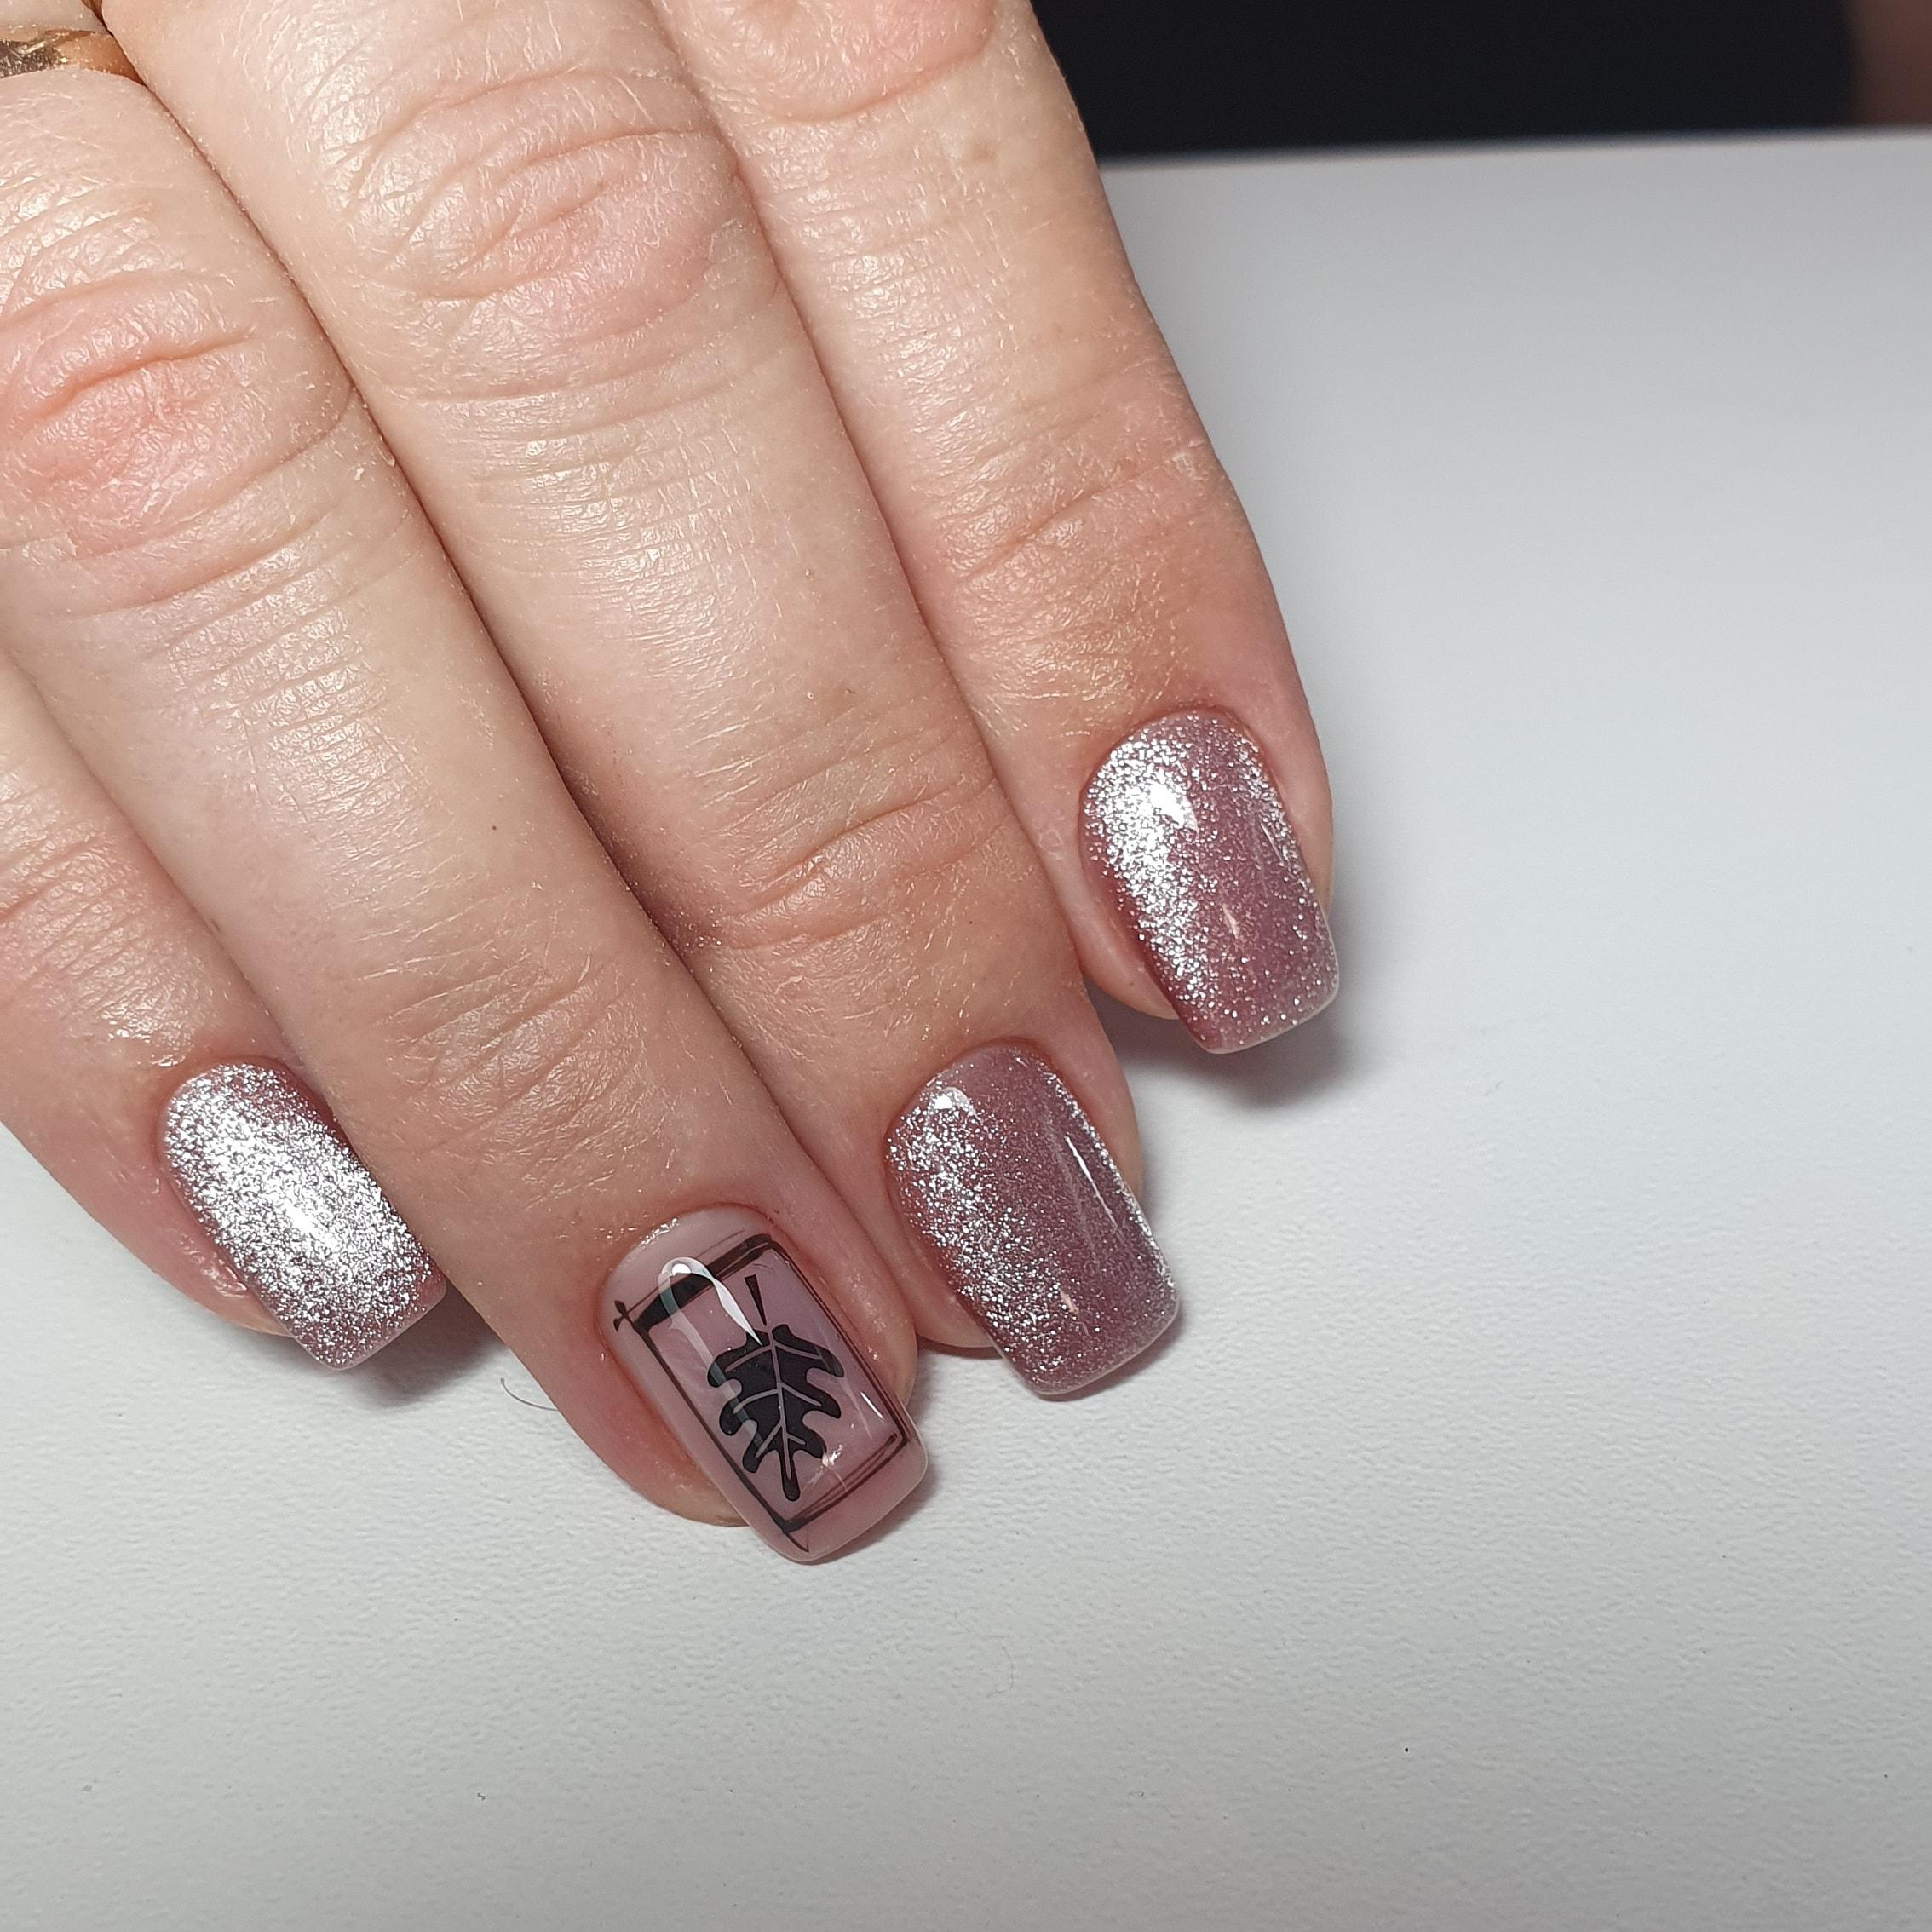 Маникюр с втиркой и растительными слайдерами в пастельных тонах на короткие ногти.